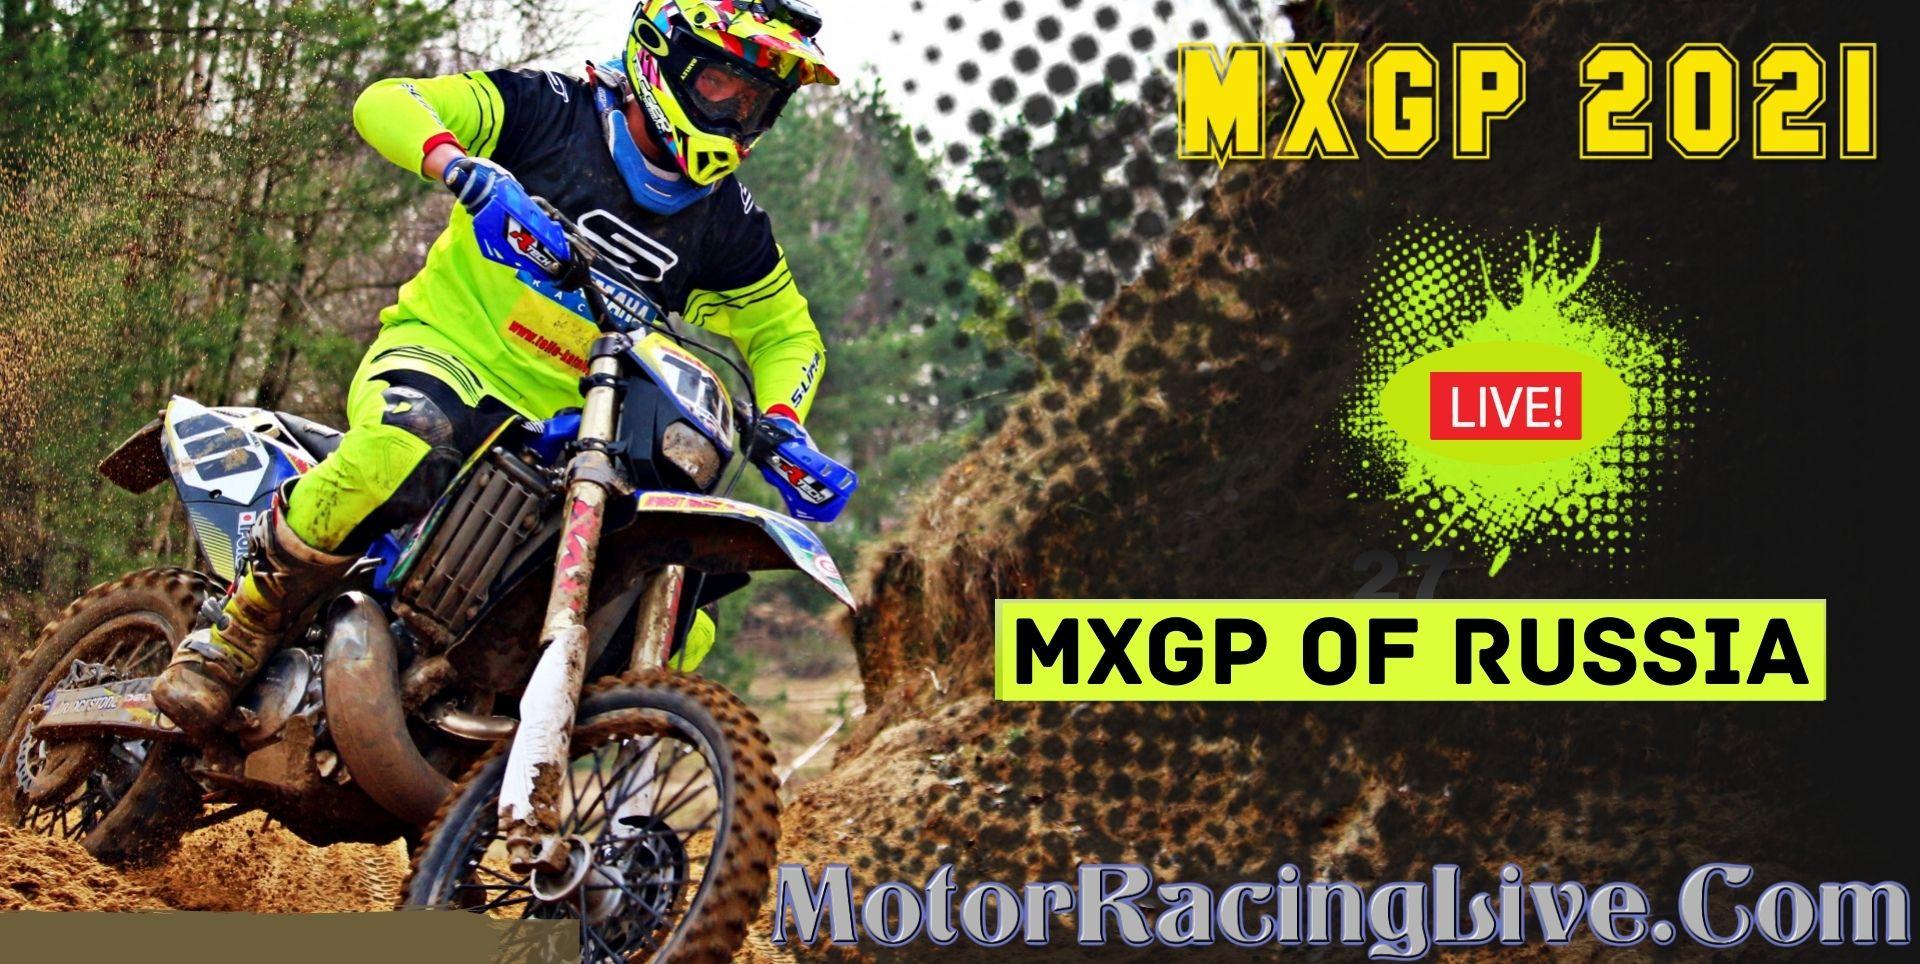 MXGP OF RUSSIA 2021 Live Stream